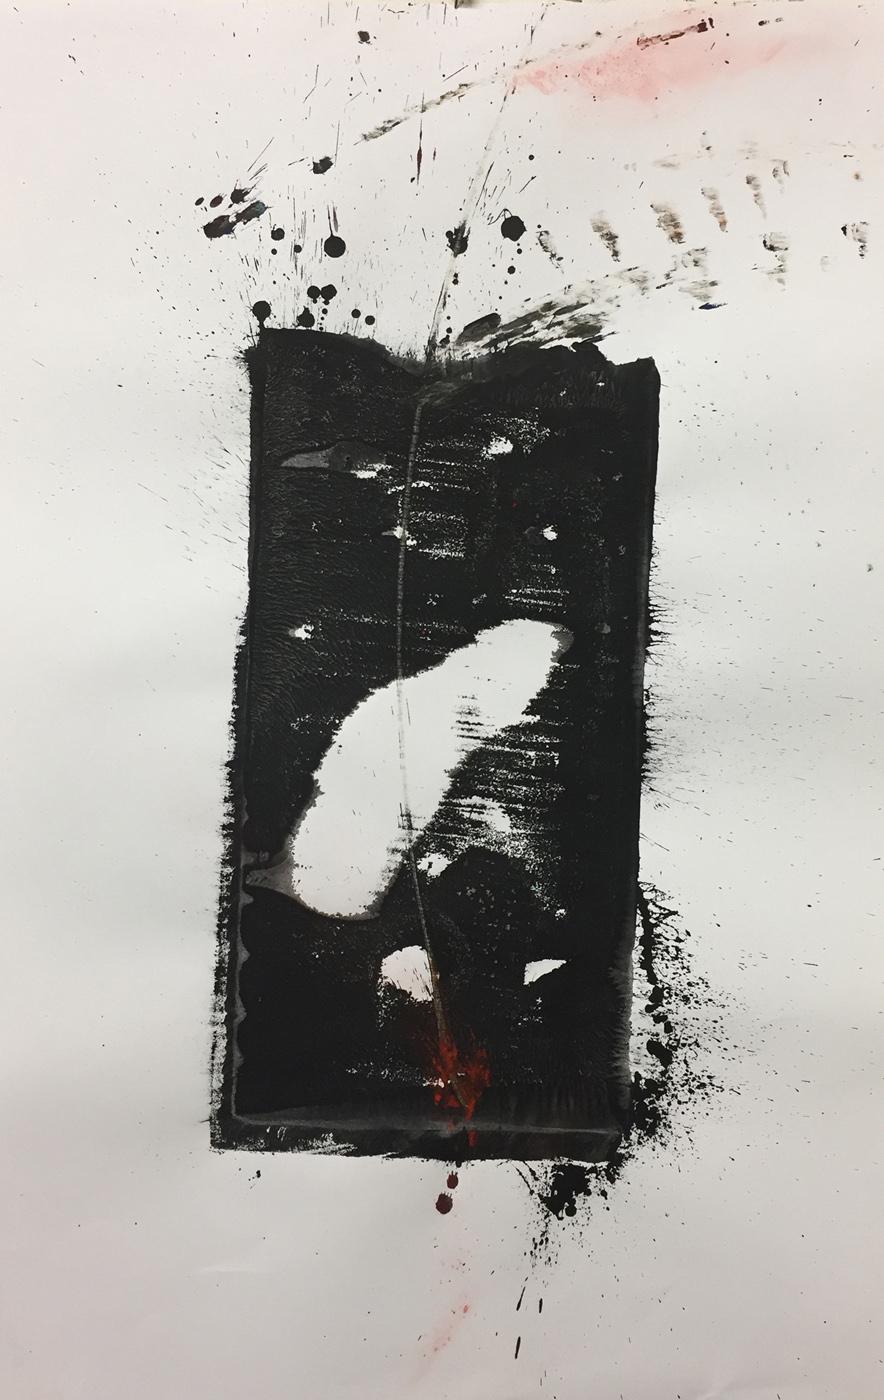 MARC FELD 2019 PAS Gouache, acrylique et pigment sur papier 50 x 32 cm